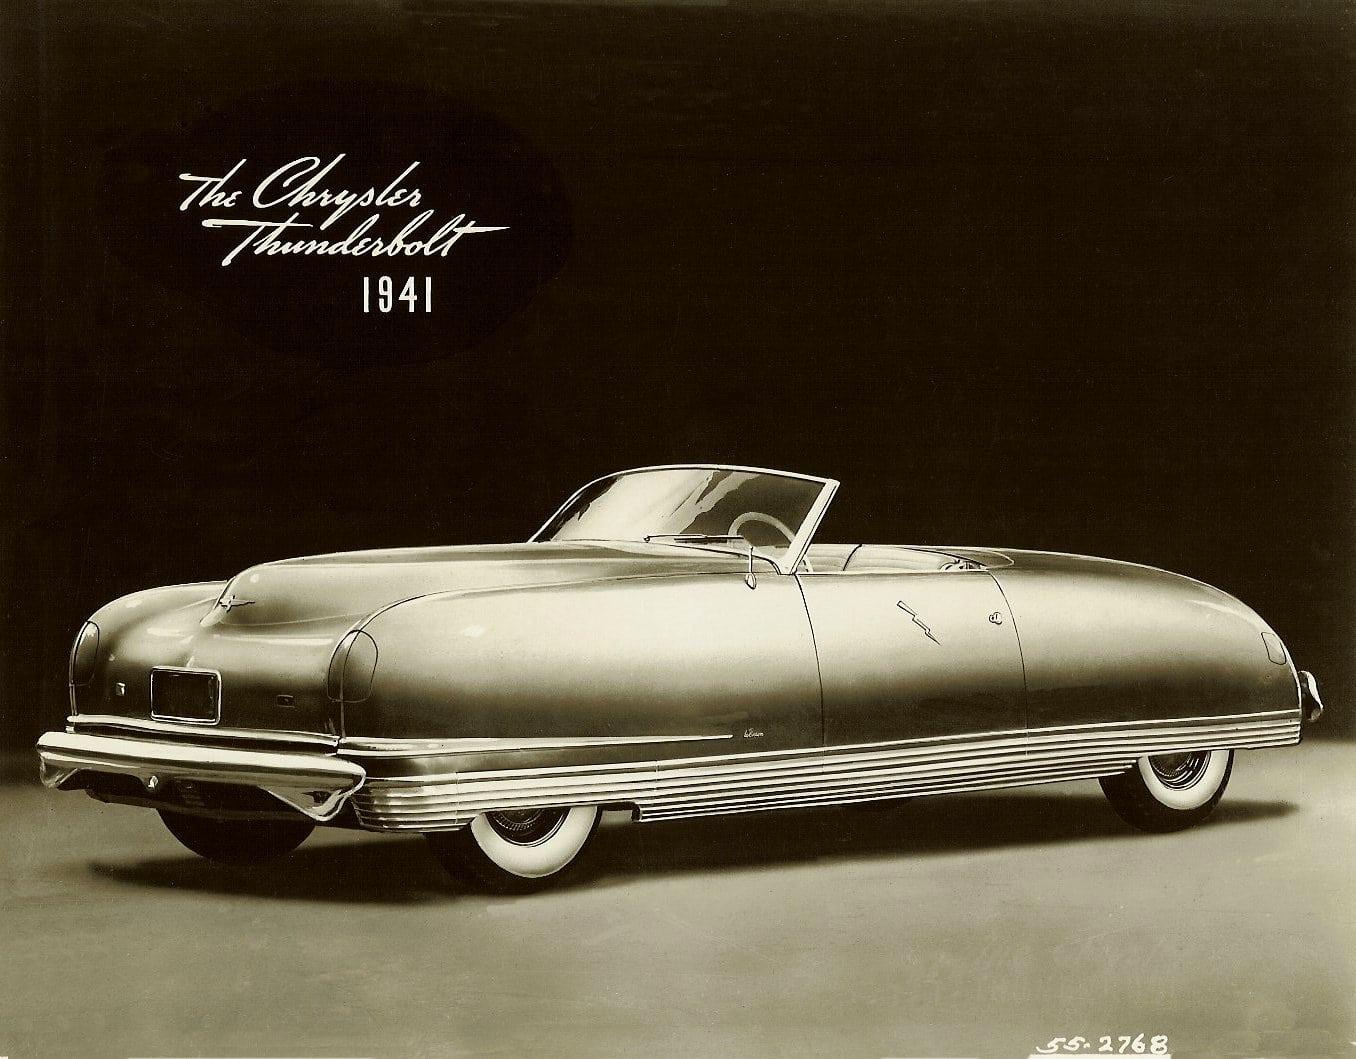 1941 Chrysler Thunderbolt